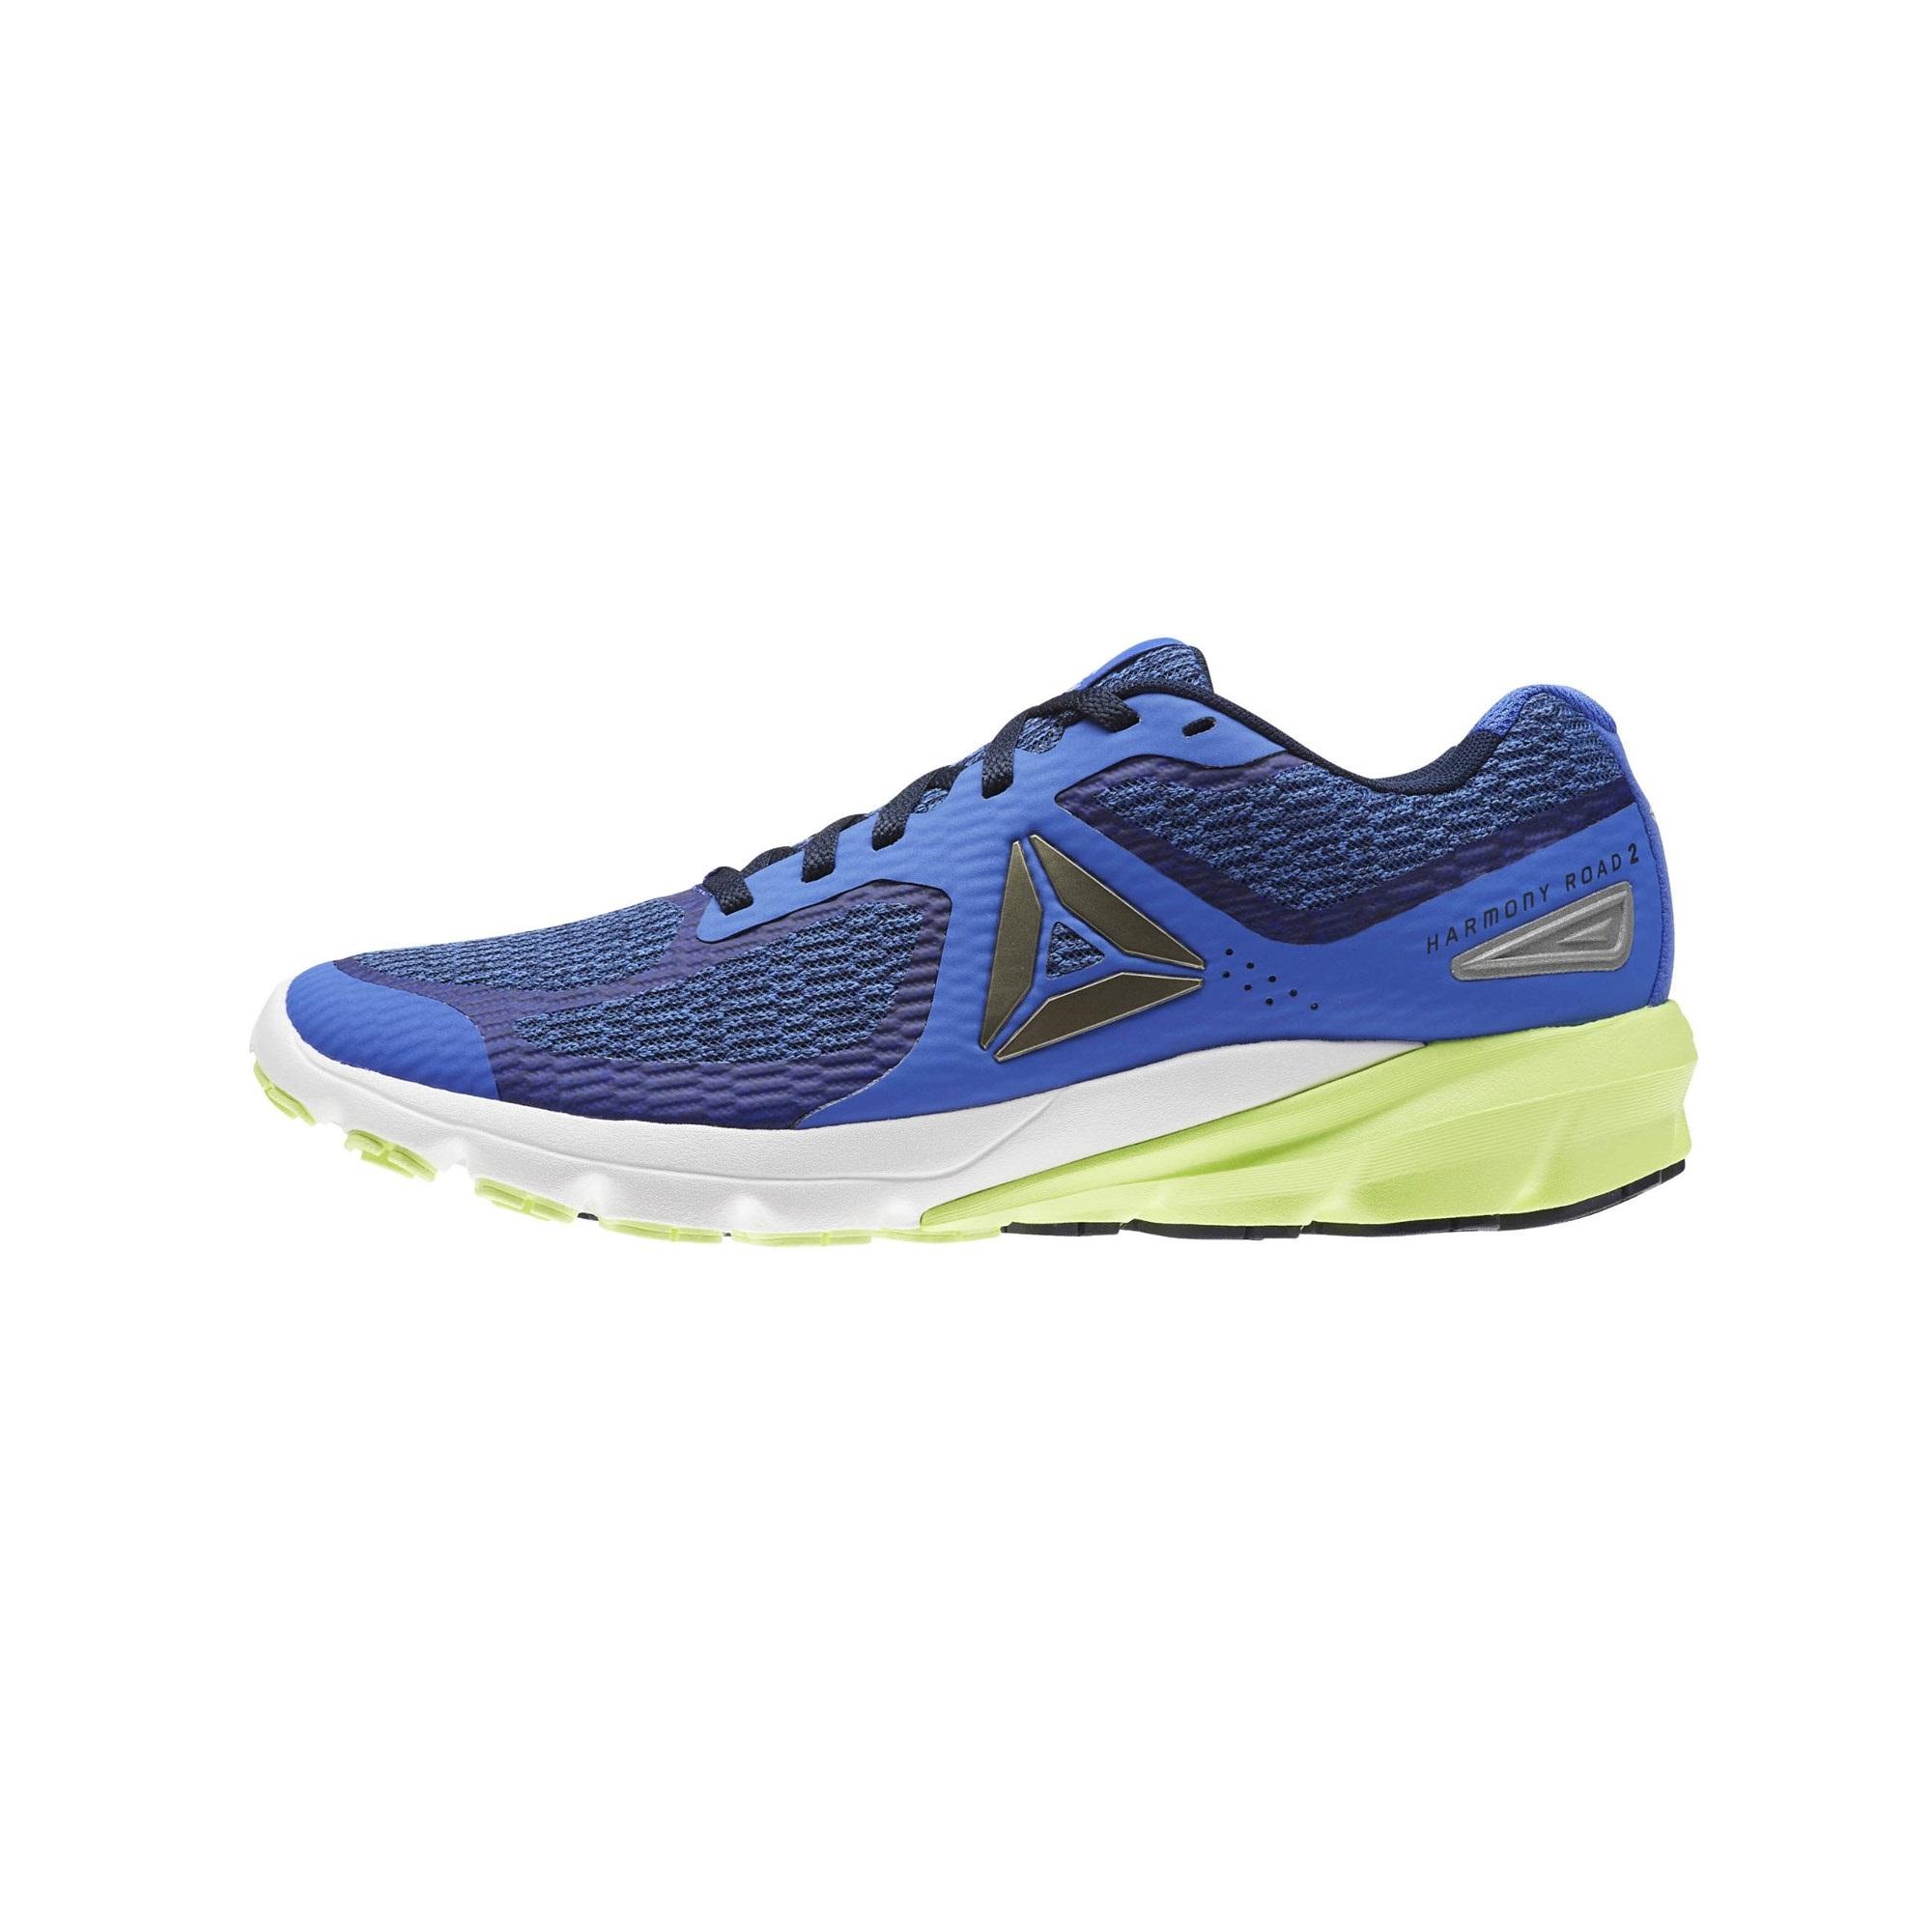 قیمت کفش مخصوص دویدن مردانه ریباک مدل harmony کد cn1181